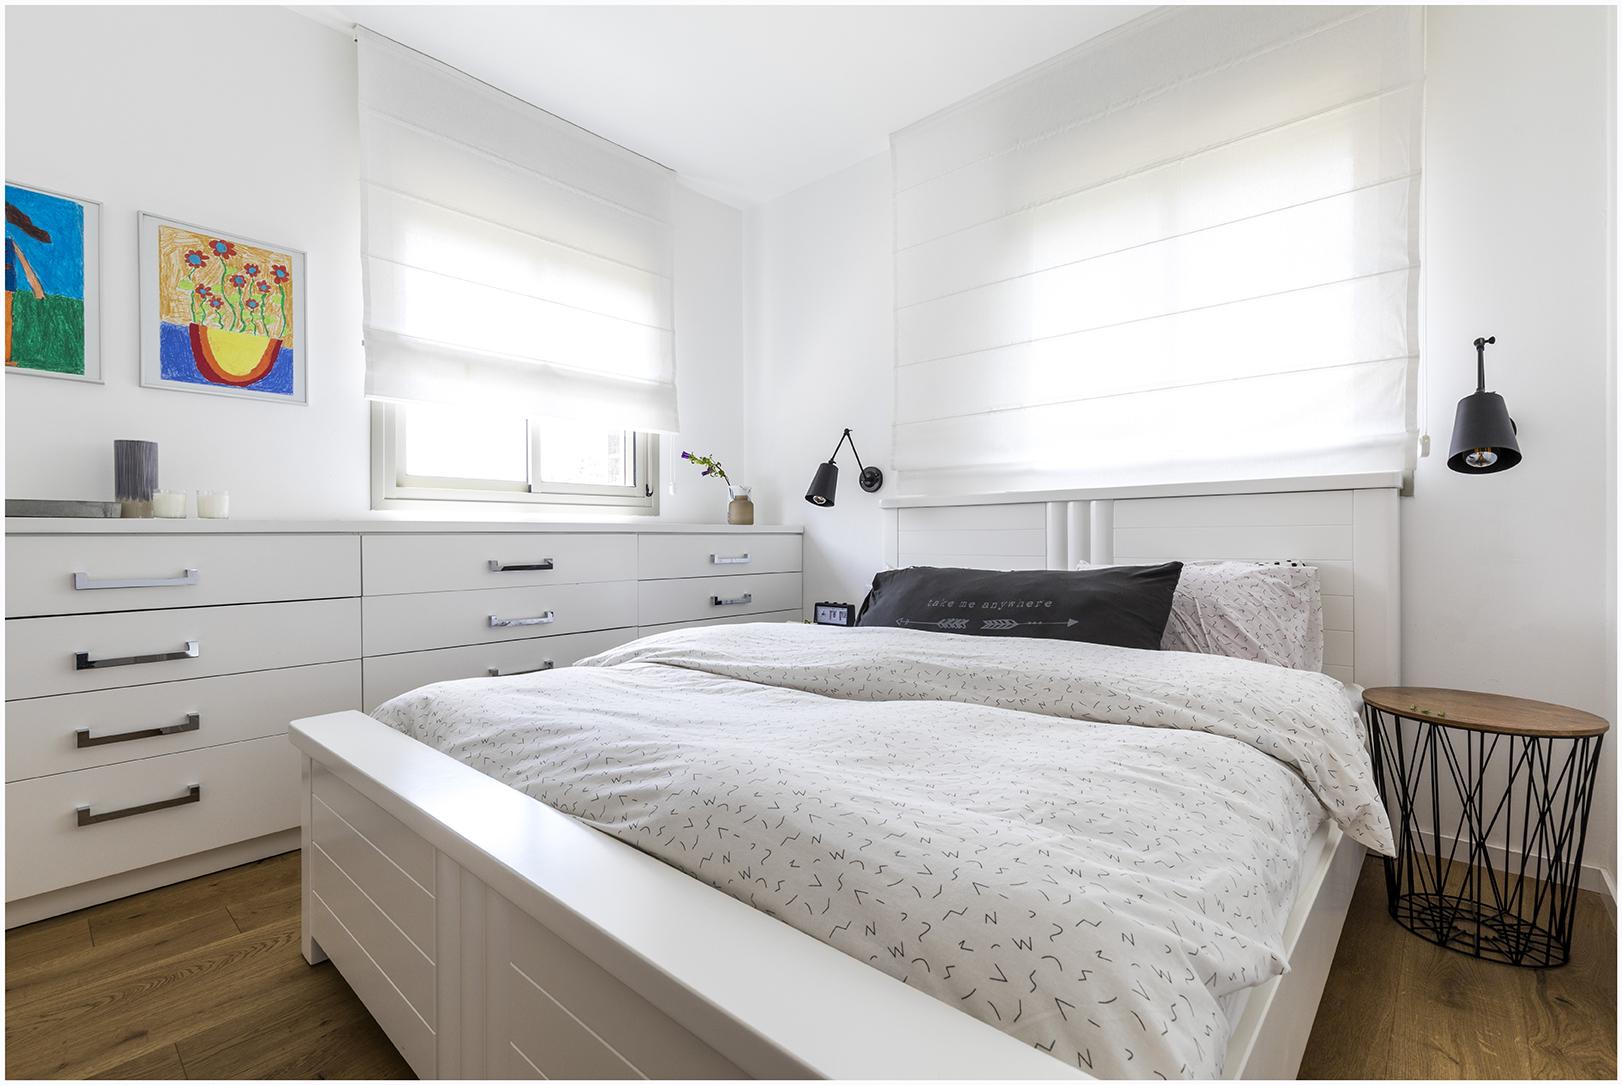 דירה בצפון תל אביב -חדר שינה הורים